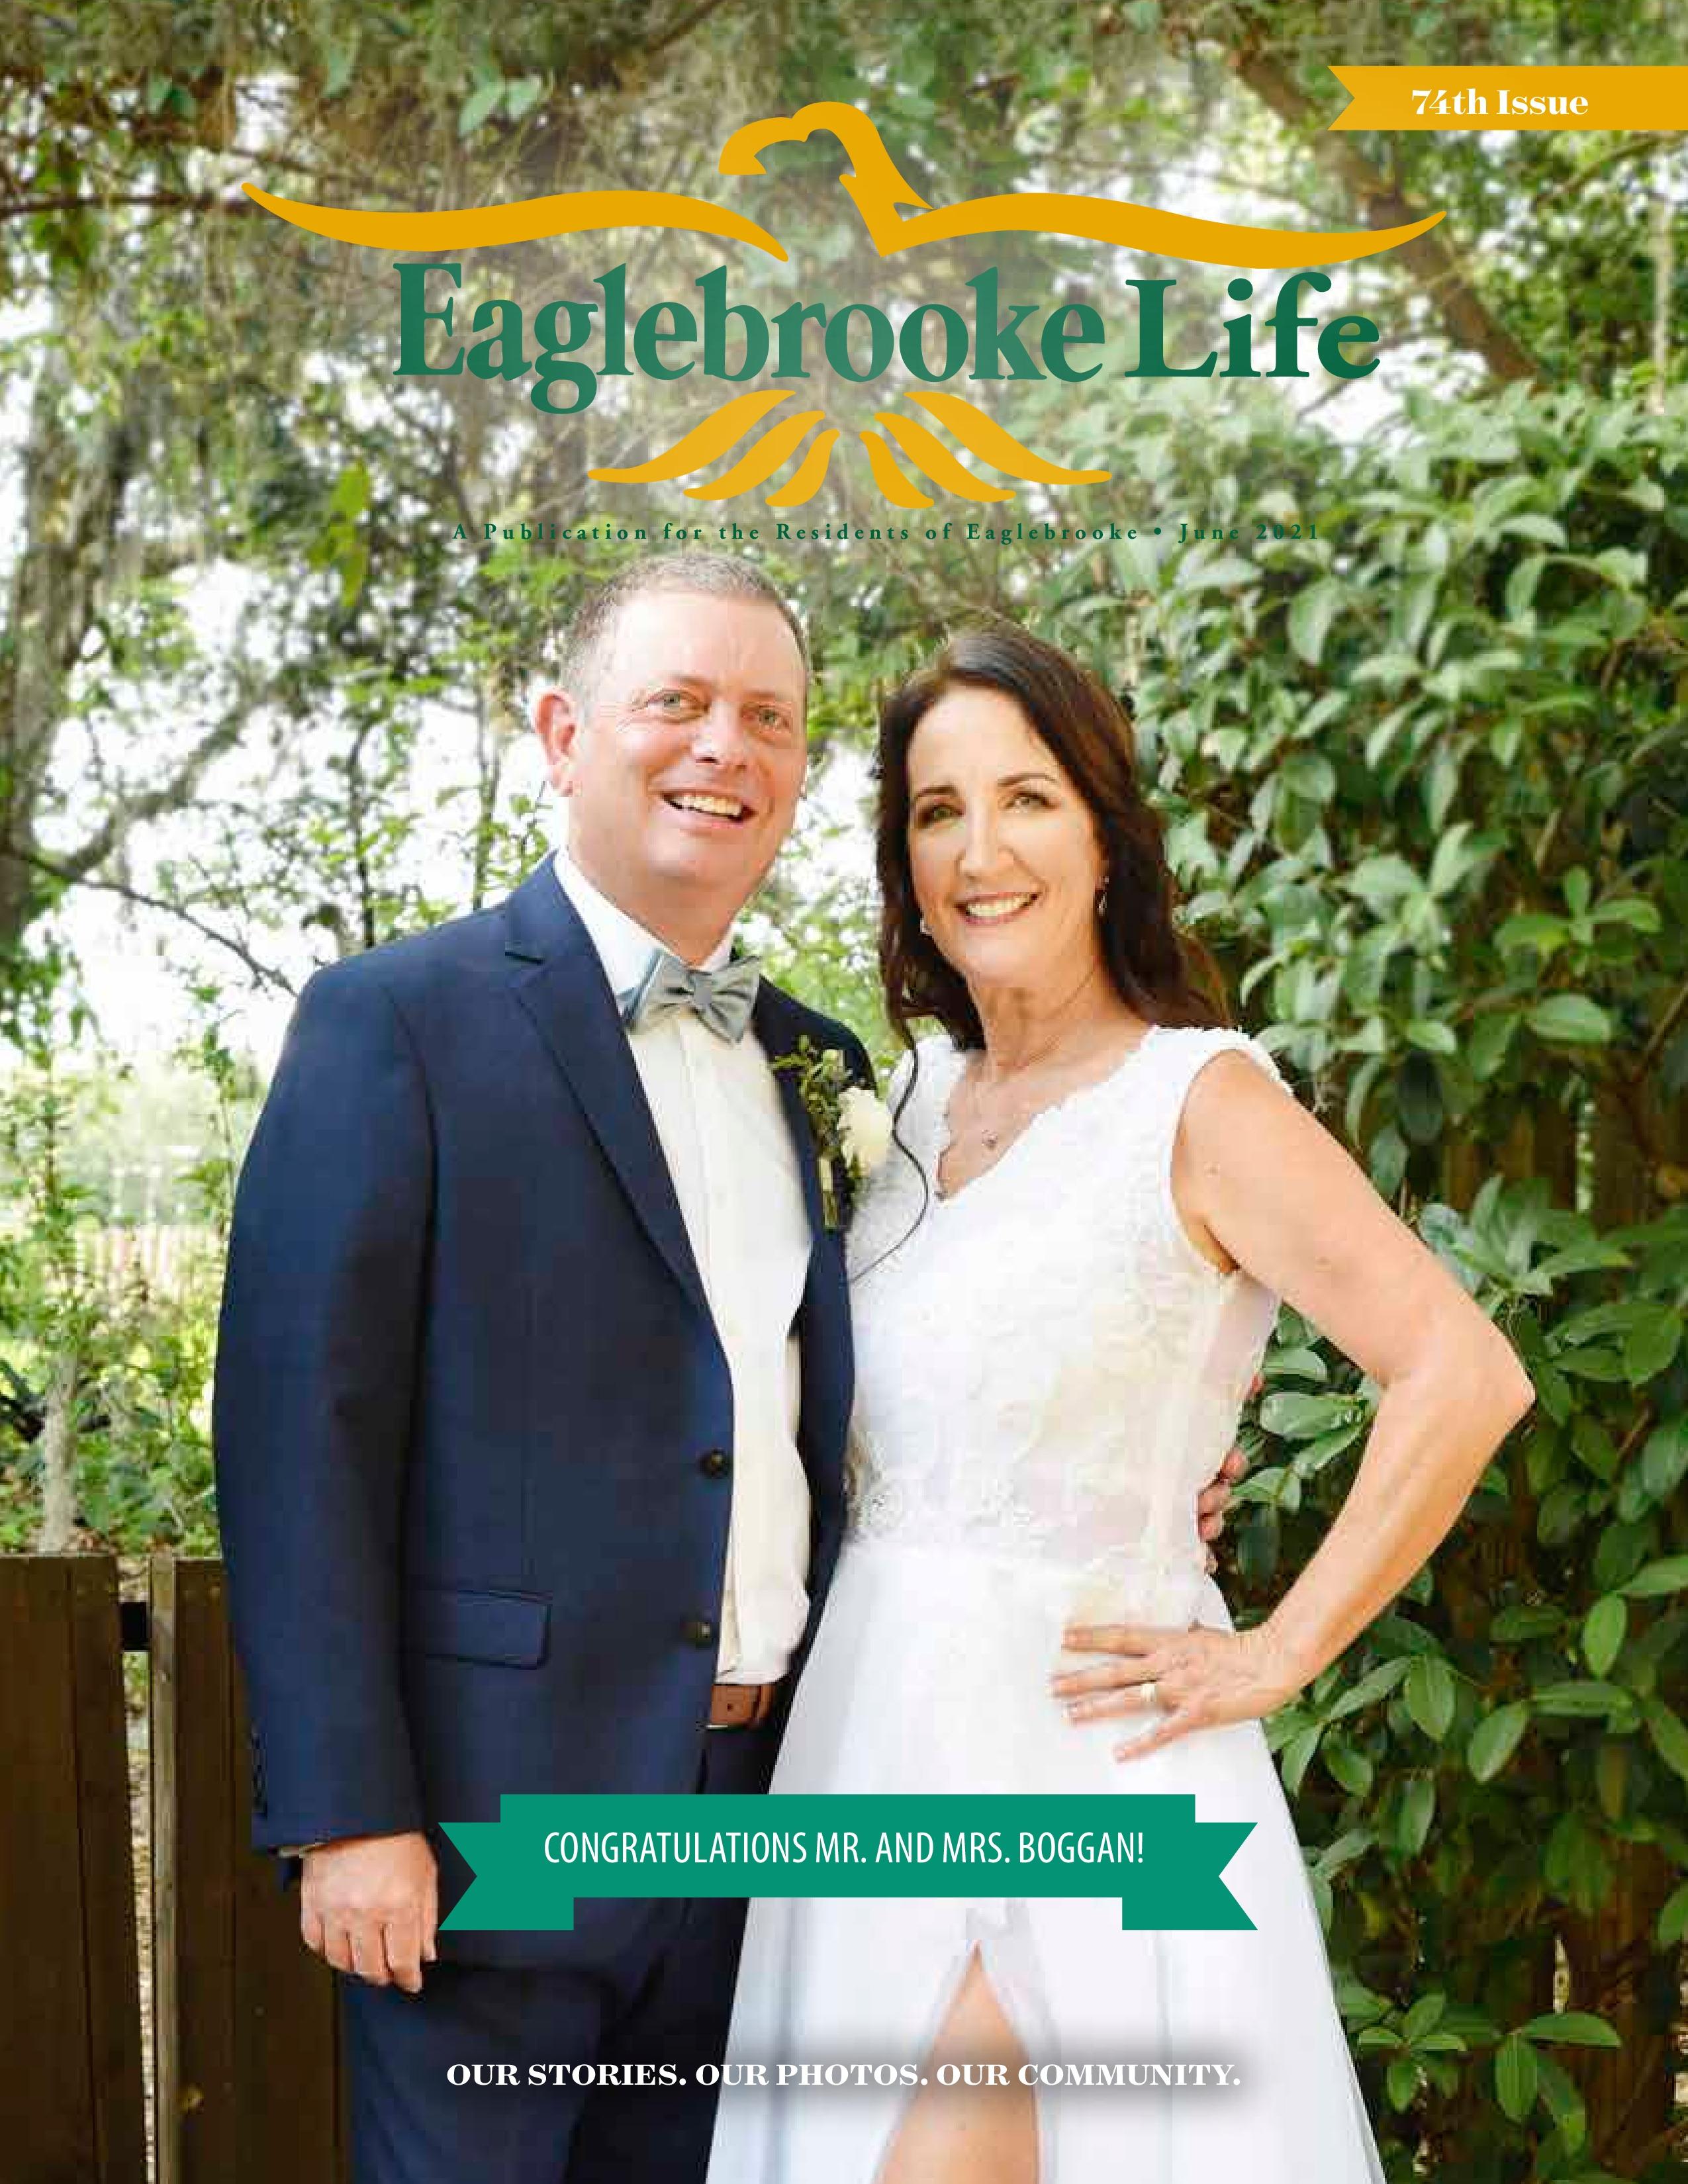 Eaglebrooke Life 2021-08-01